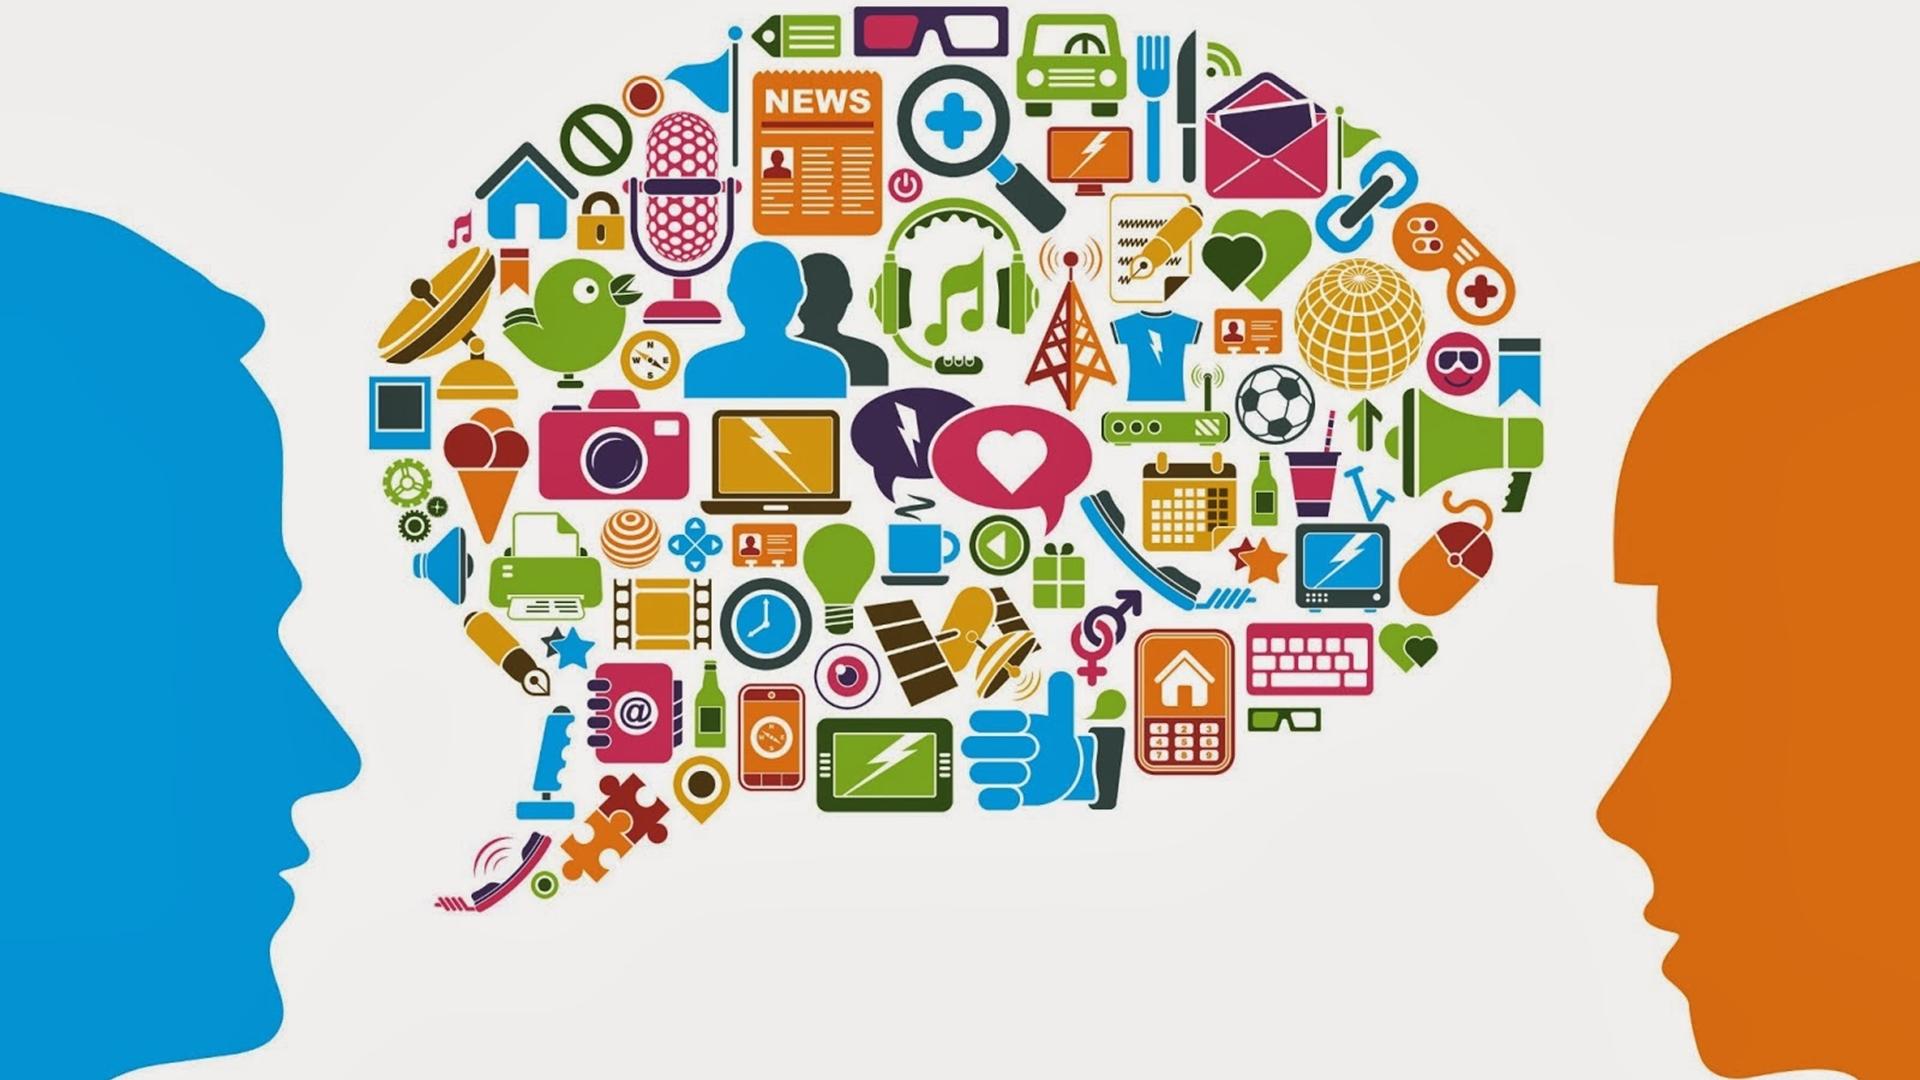 dijital pazarlama sosyal medya pazarlama sektör yeni medya